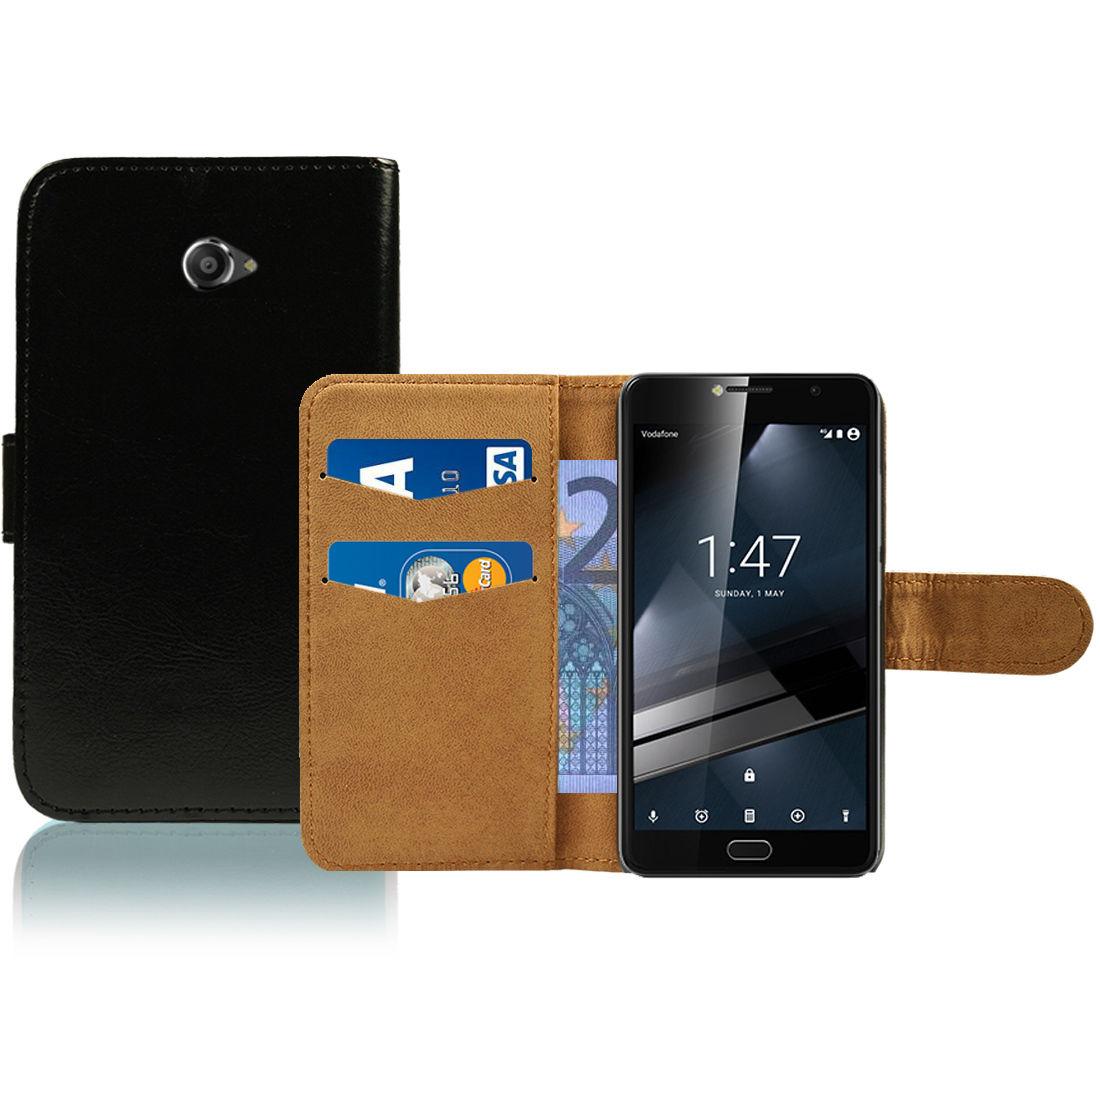 Pouzdro pro Vodafone Smart ultra 7 černé